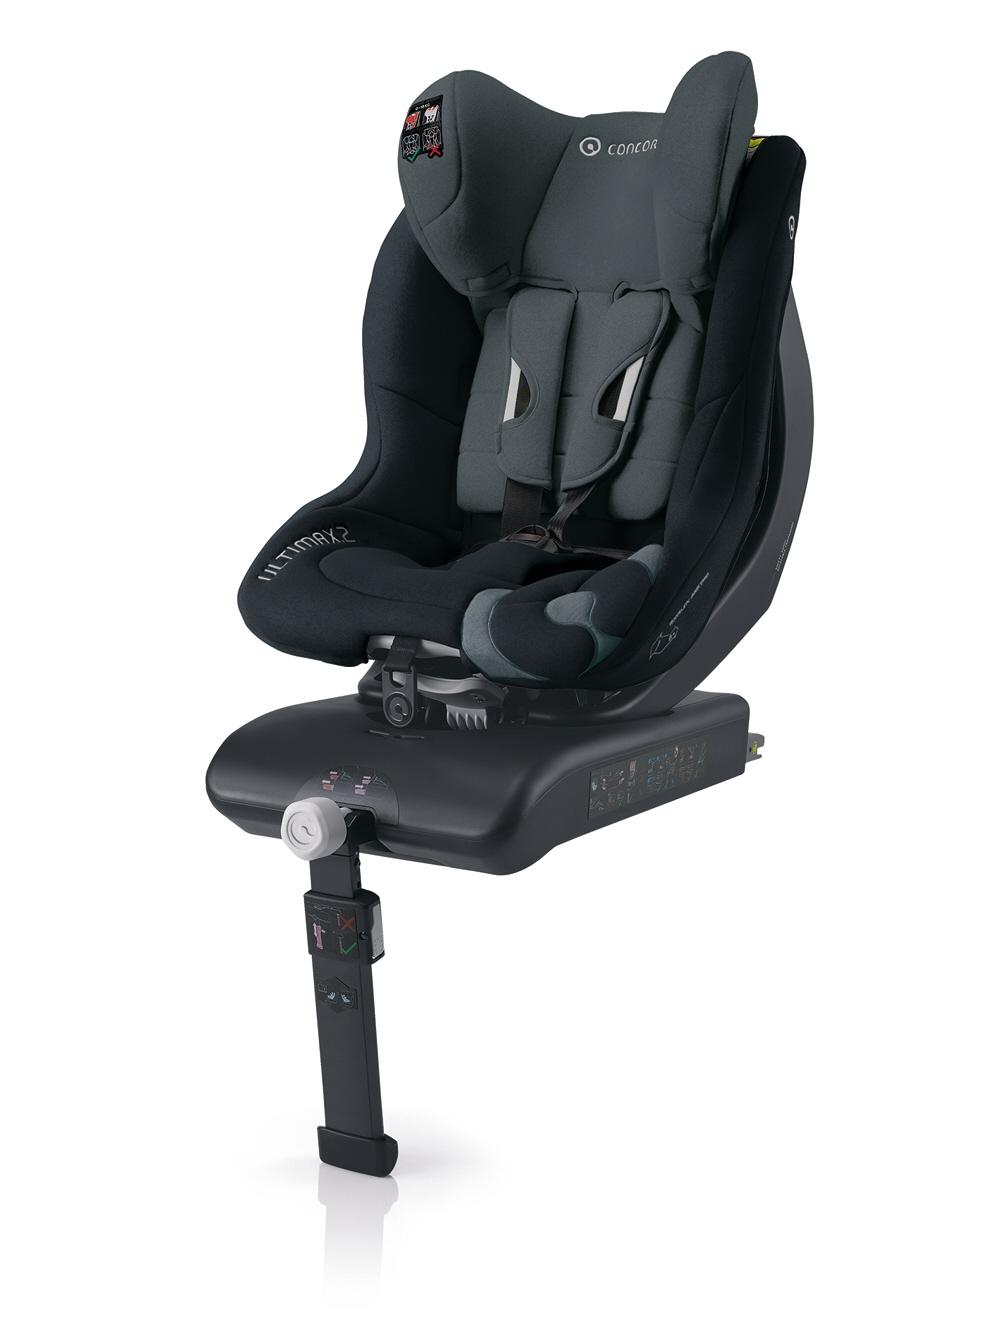 Concord Silla de coche Ultimax2 Isofix 2014 Phantom Black  Comprar en kidsroom  Sillas de coche